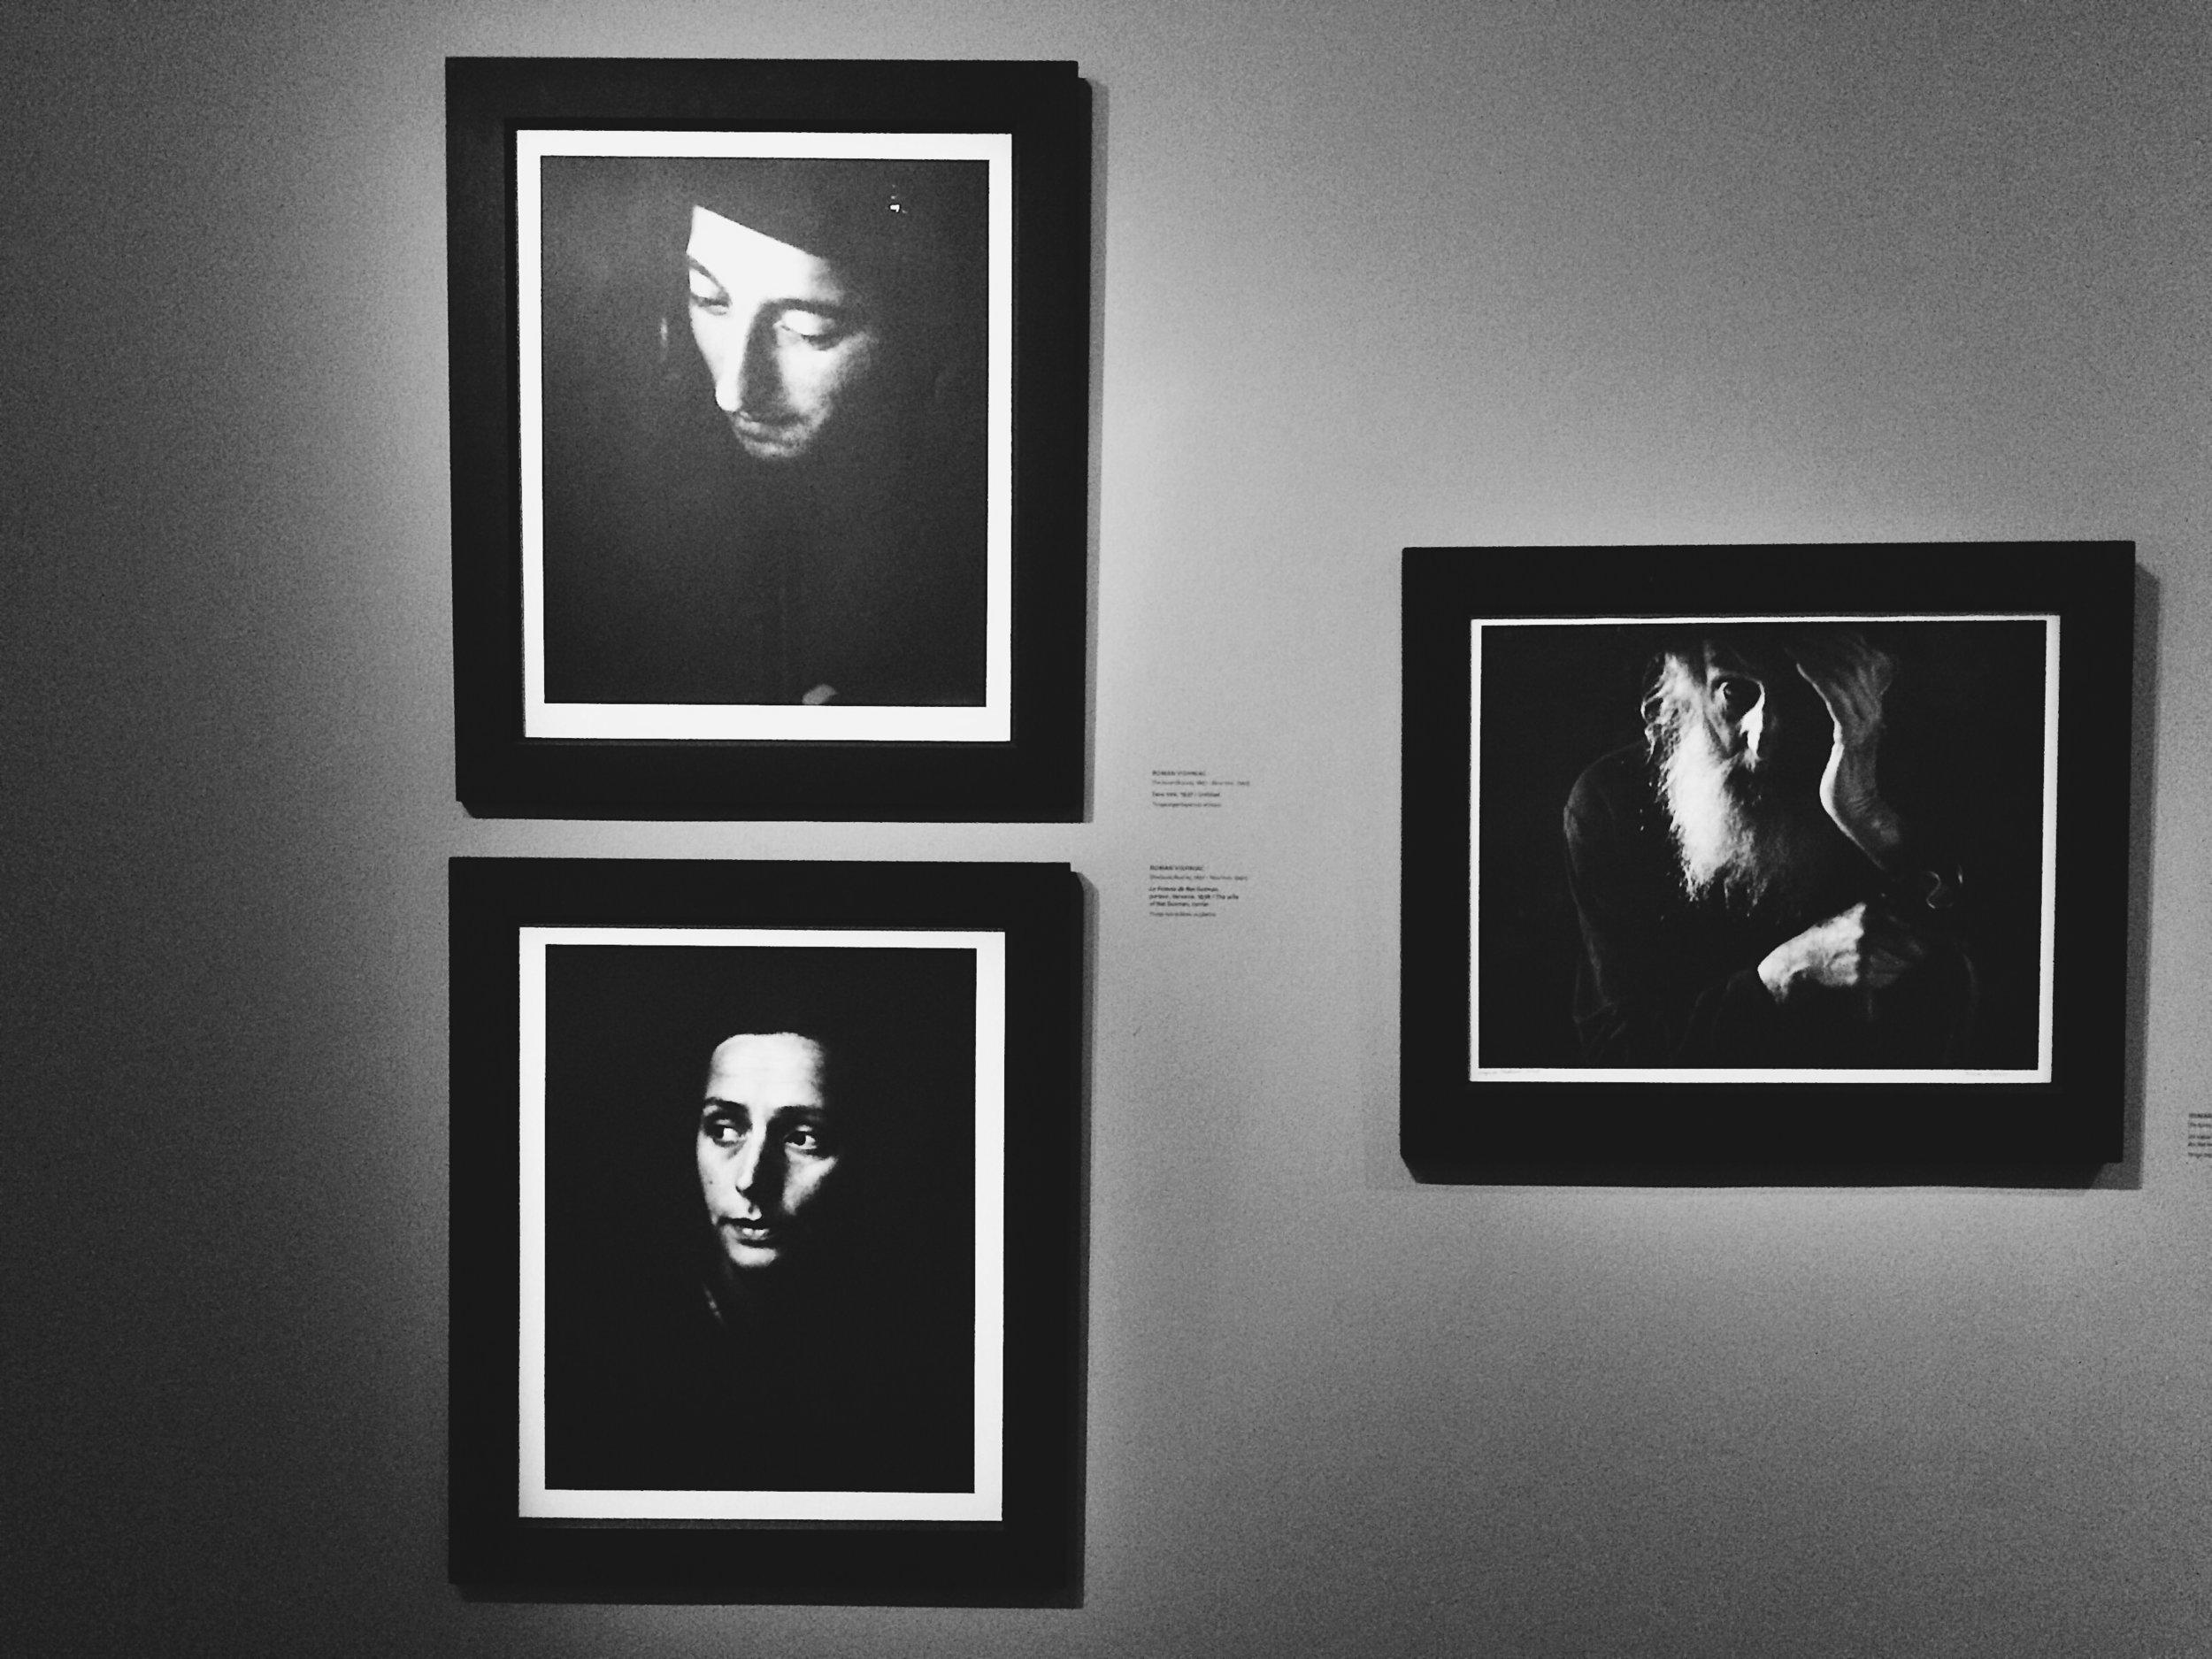 Romain Vishniac : Sans titre (1937), La femme de Nat Gutman, porteur (1938), Un vieux du village (1935)